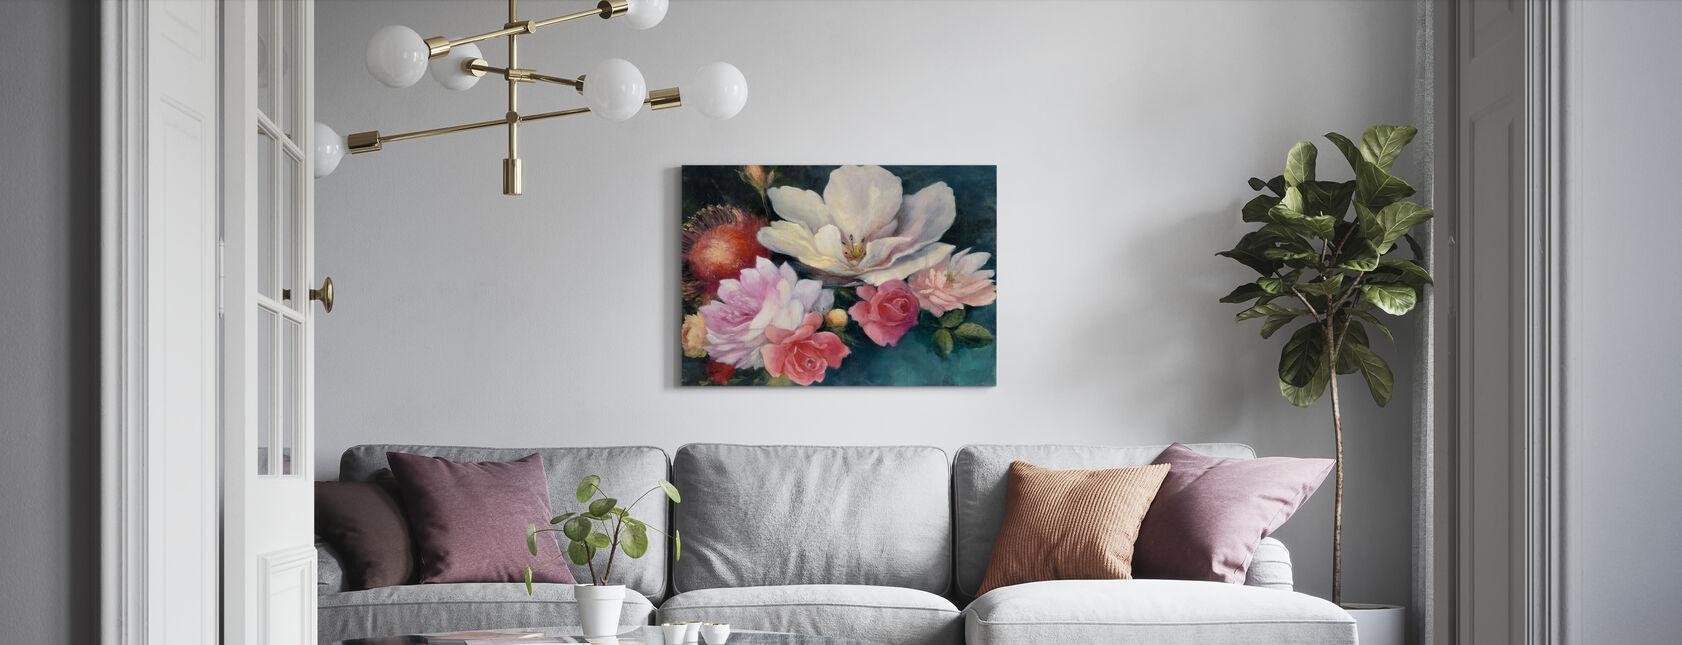 Vlaamse Fantasie - Canvas print - Woonkamer